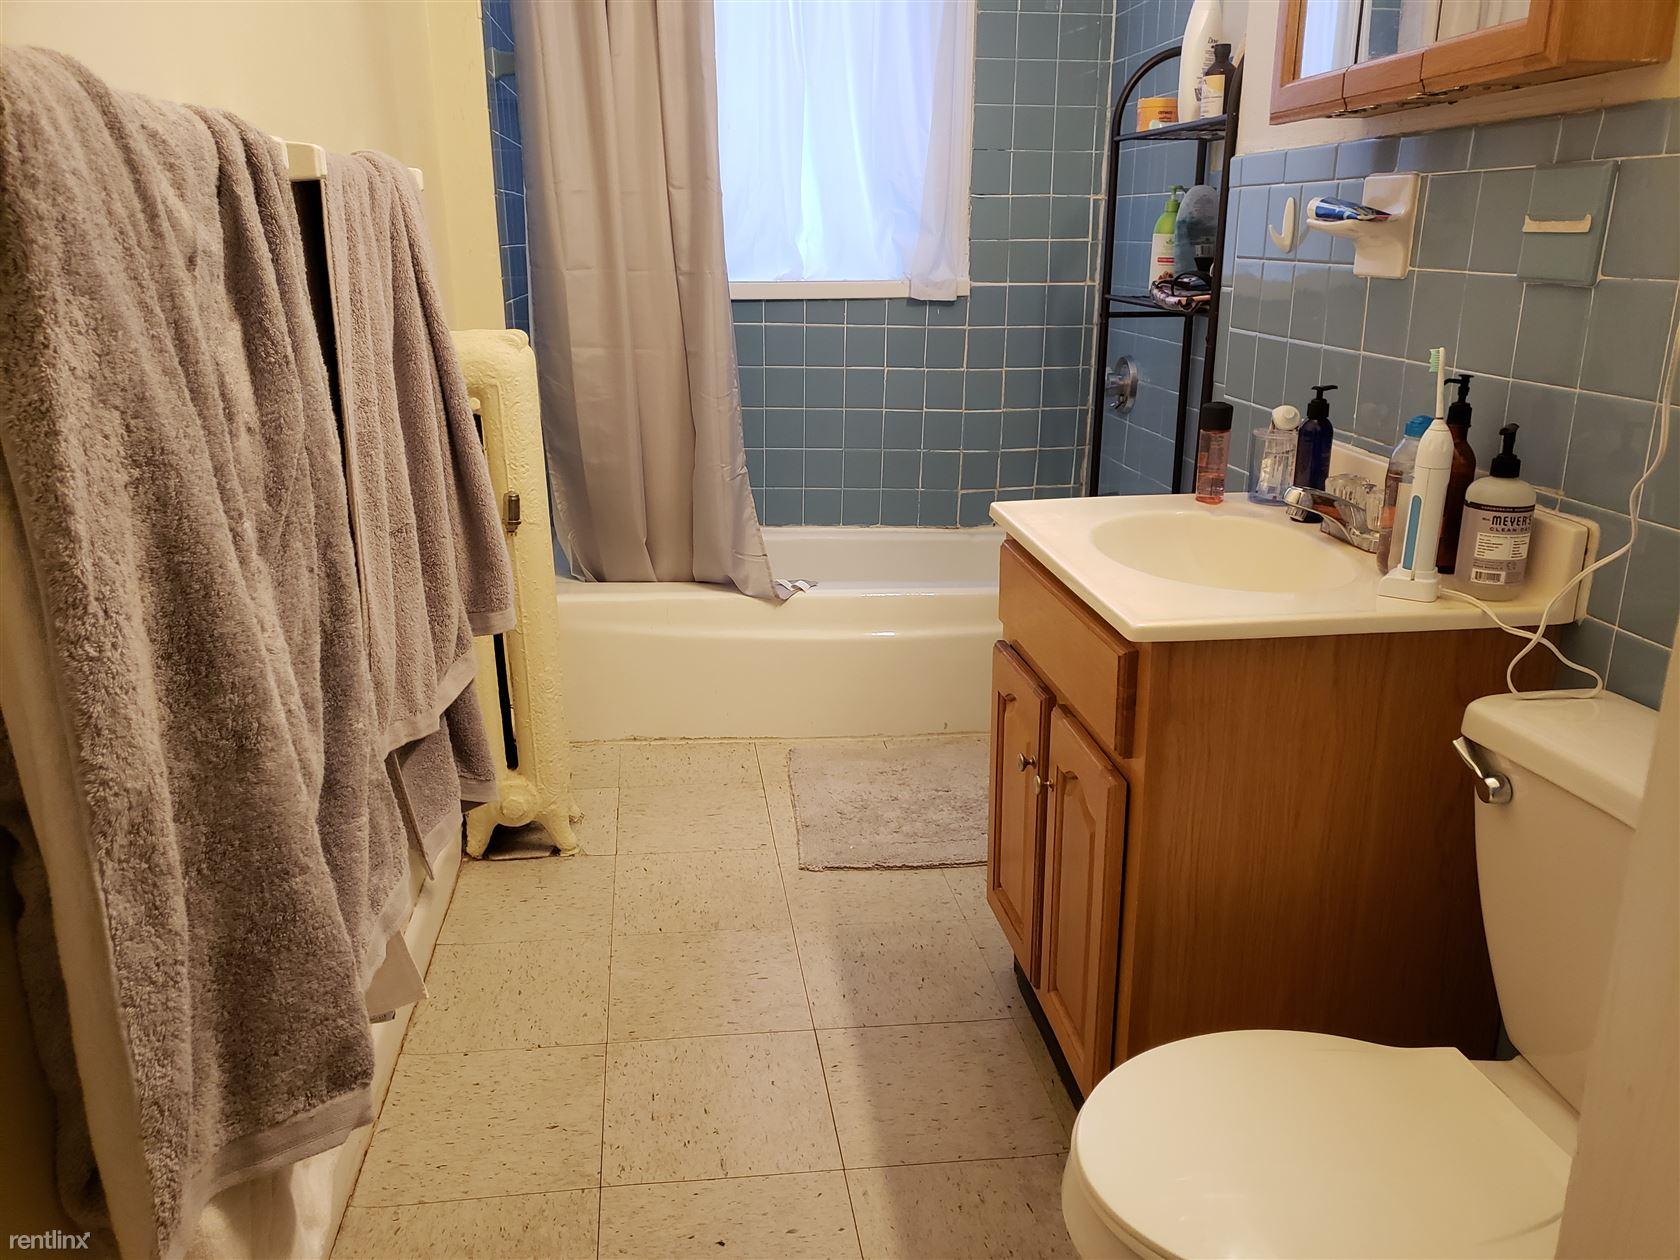 1132 Commonwealth Ave Apt 110, Allston, MA - $2,525